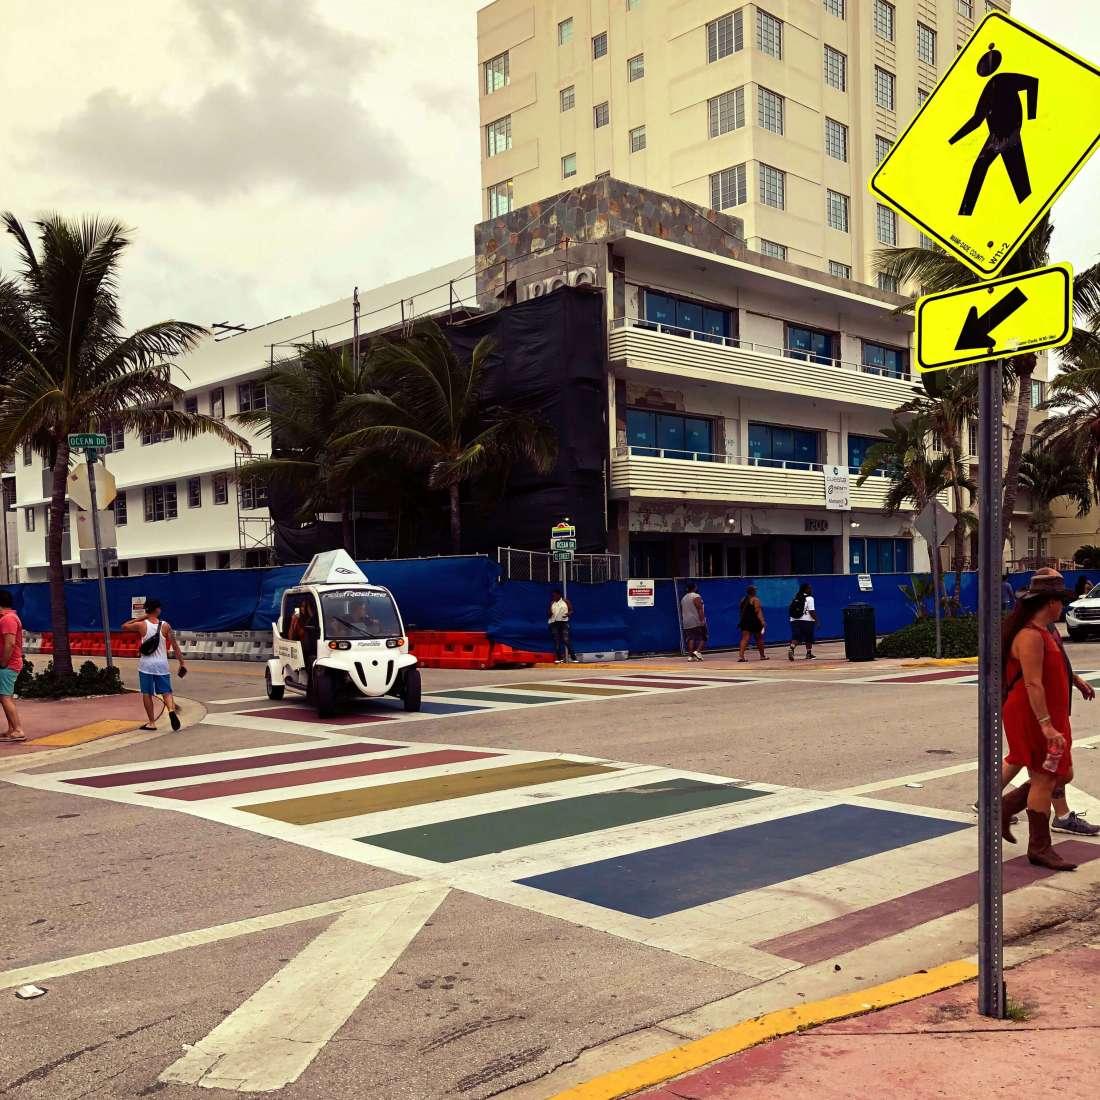 Ocean Drive, South Beach, Miami